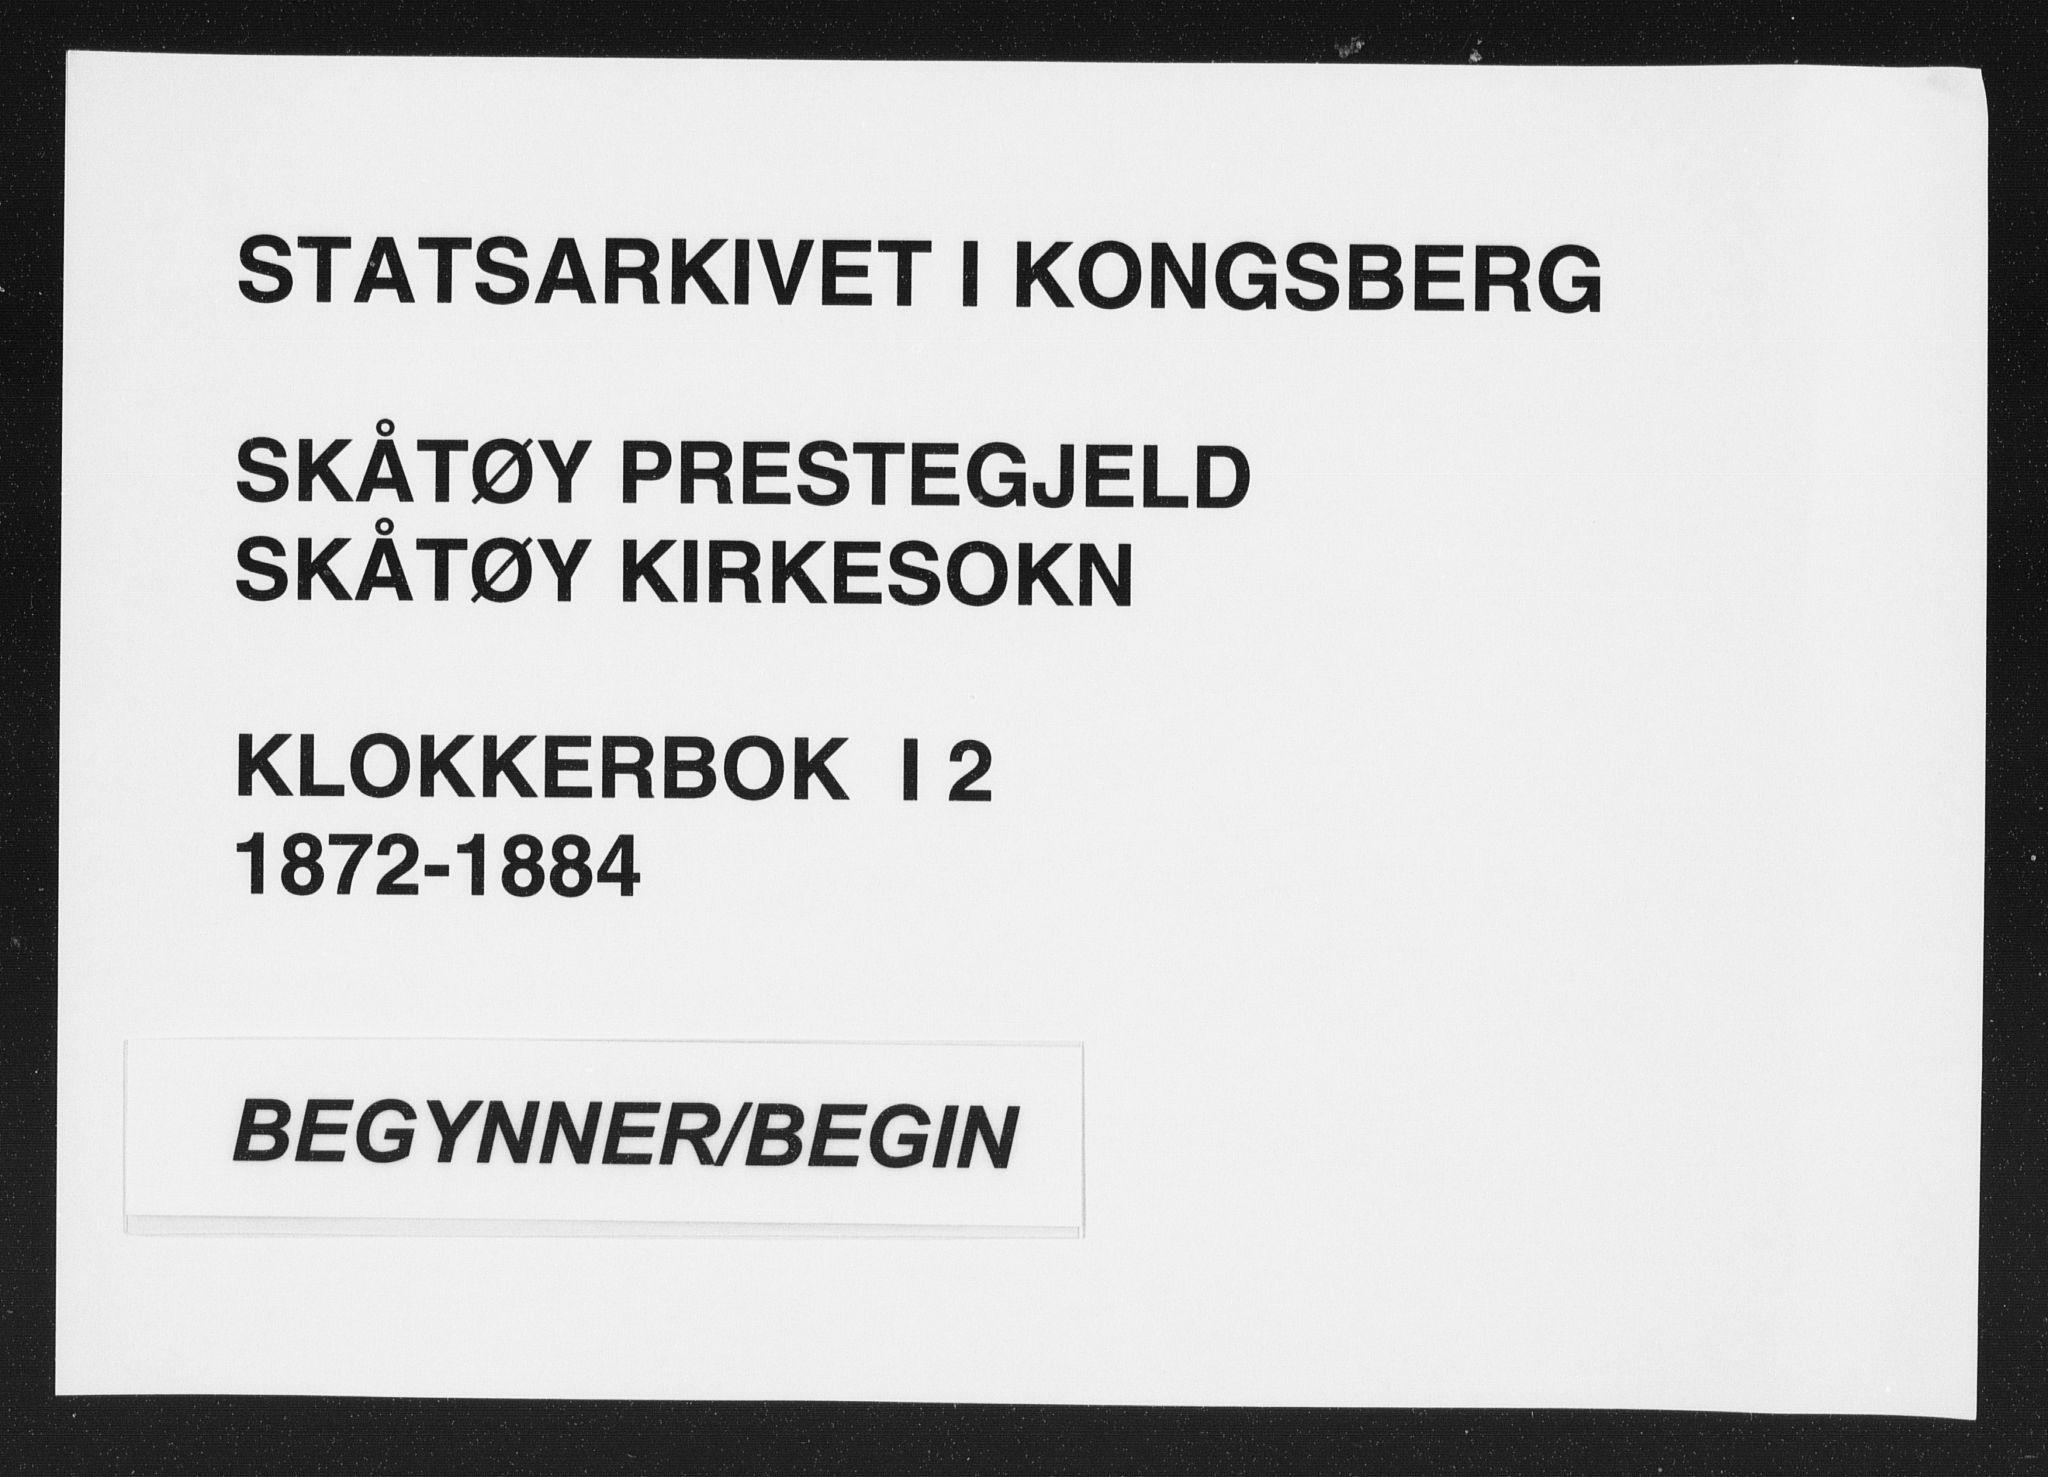 SAKO, Skåtøy kirkebøker, G/Ga/L0002: Klokkerbok nr. I 2, 1872-1884